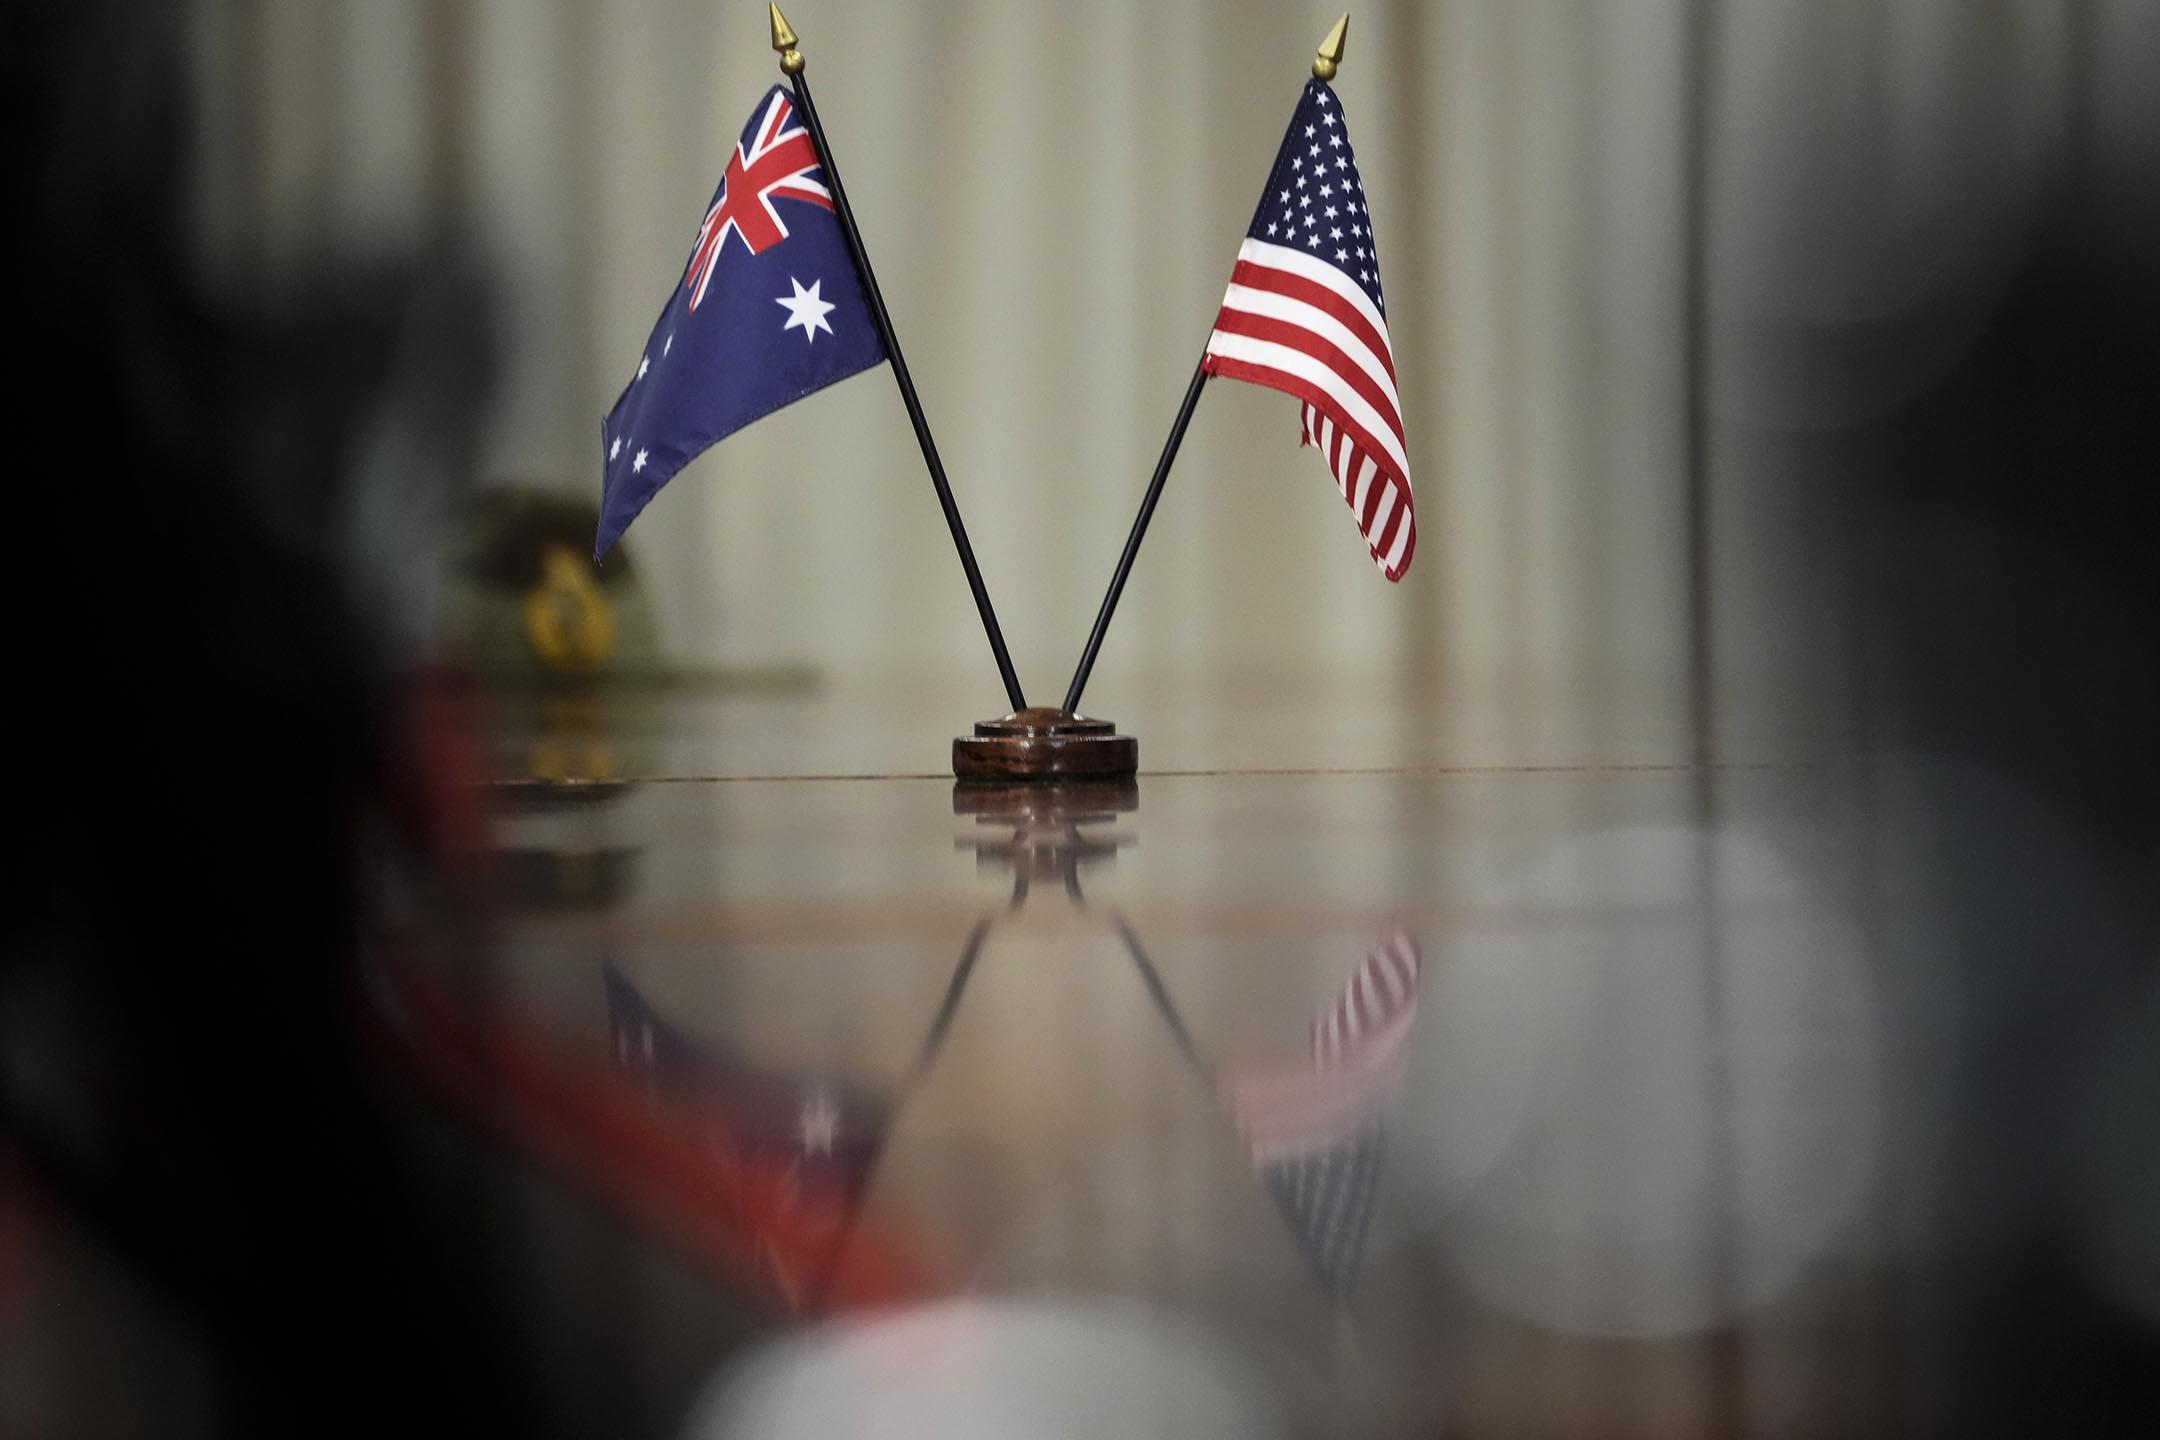 2021年9月22日美國維吉尼亞州阿靈頓,澳大利亞總理史考特·莫里森和美國國防部長勞埃德·奧斯汀於五角大樓會晤期間,桌上擺著澳大利亞和美國國旗。